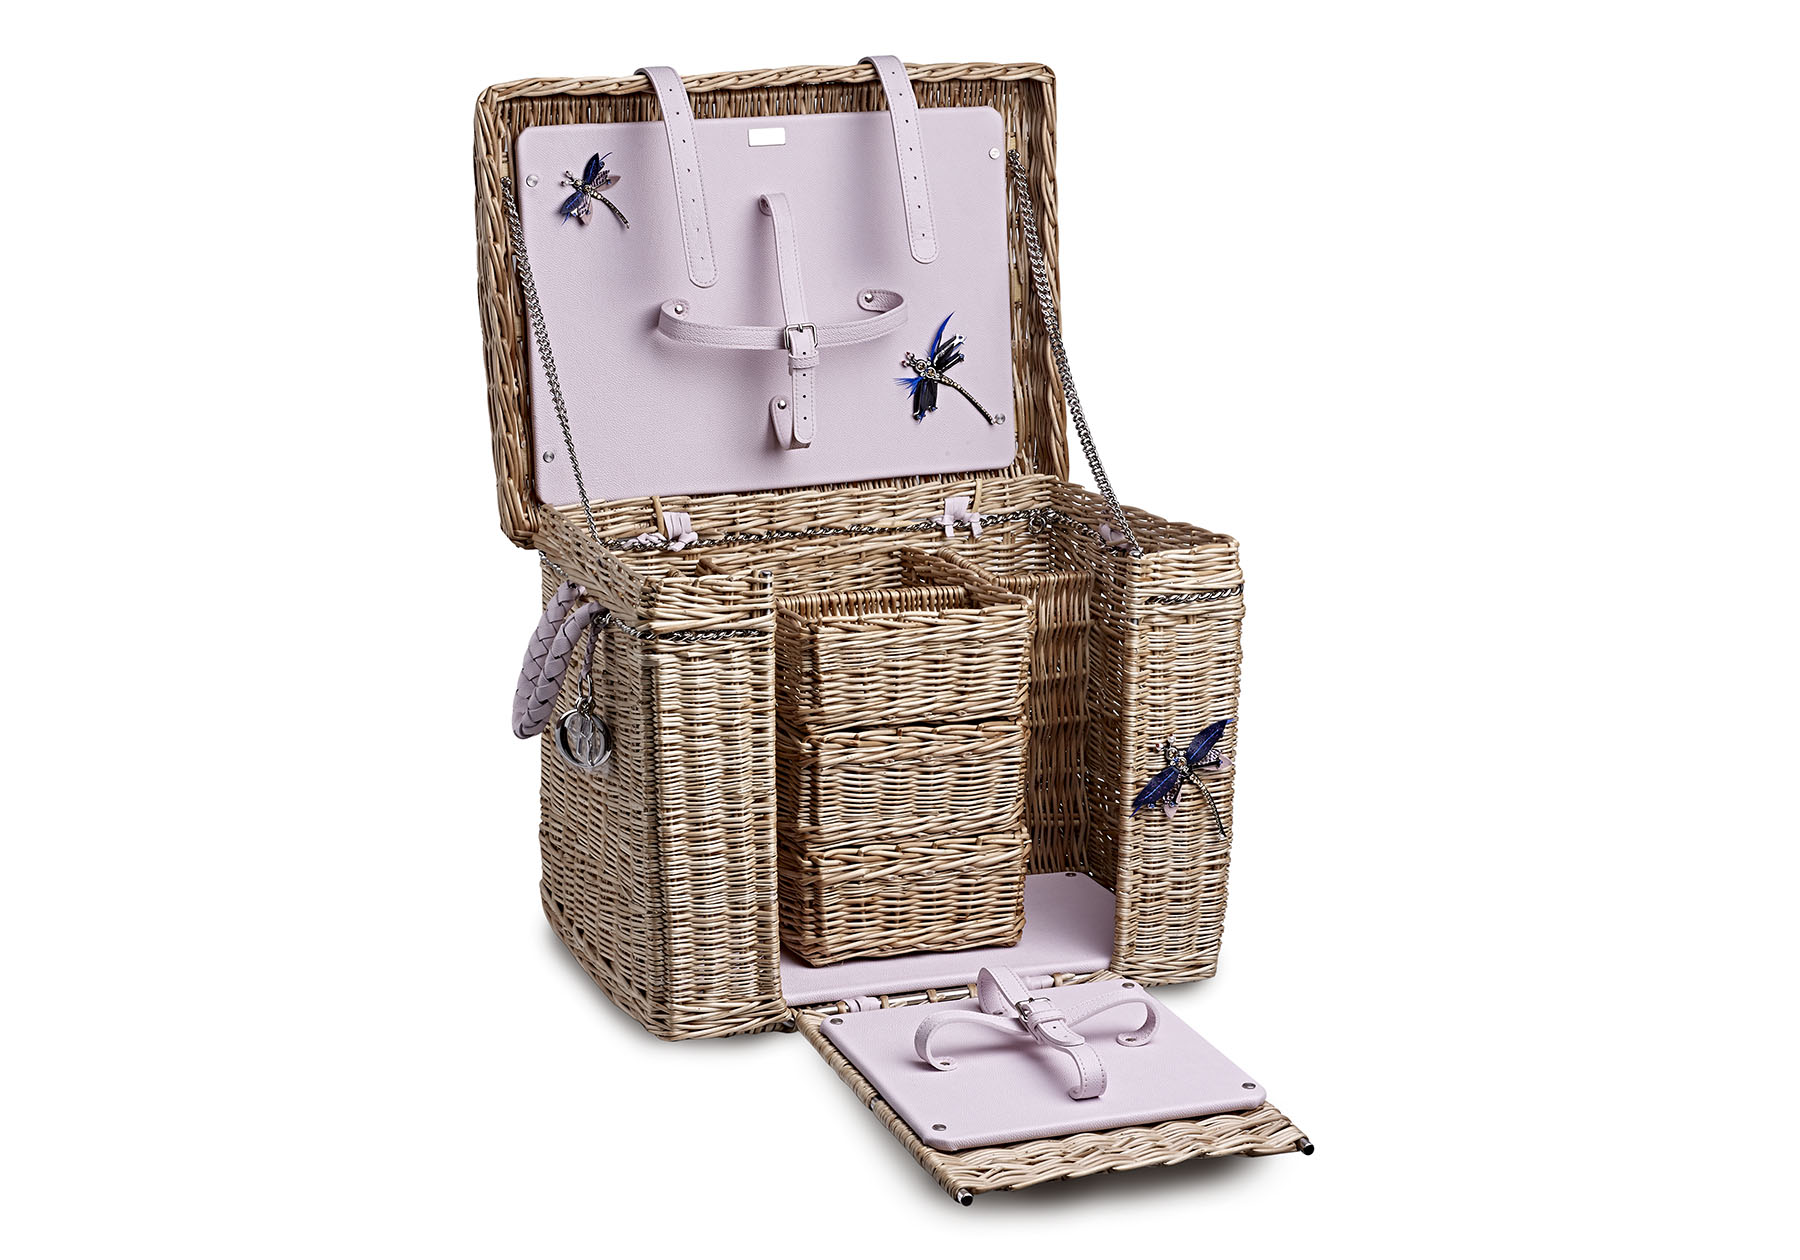 Somerset Willow Hamper Basket made for Dior